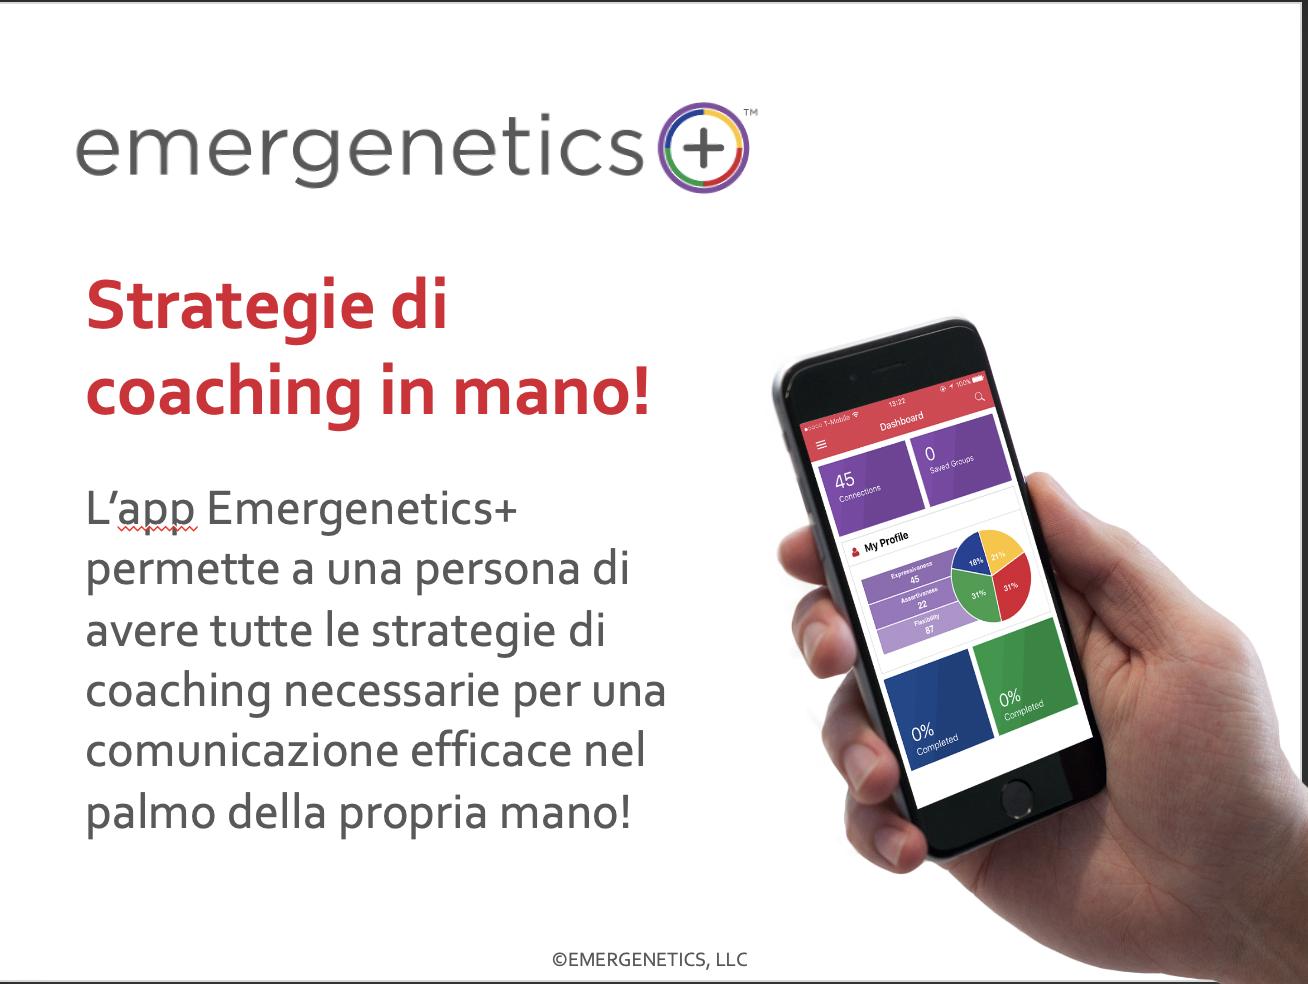 App Emergenetics